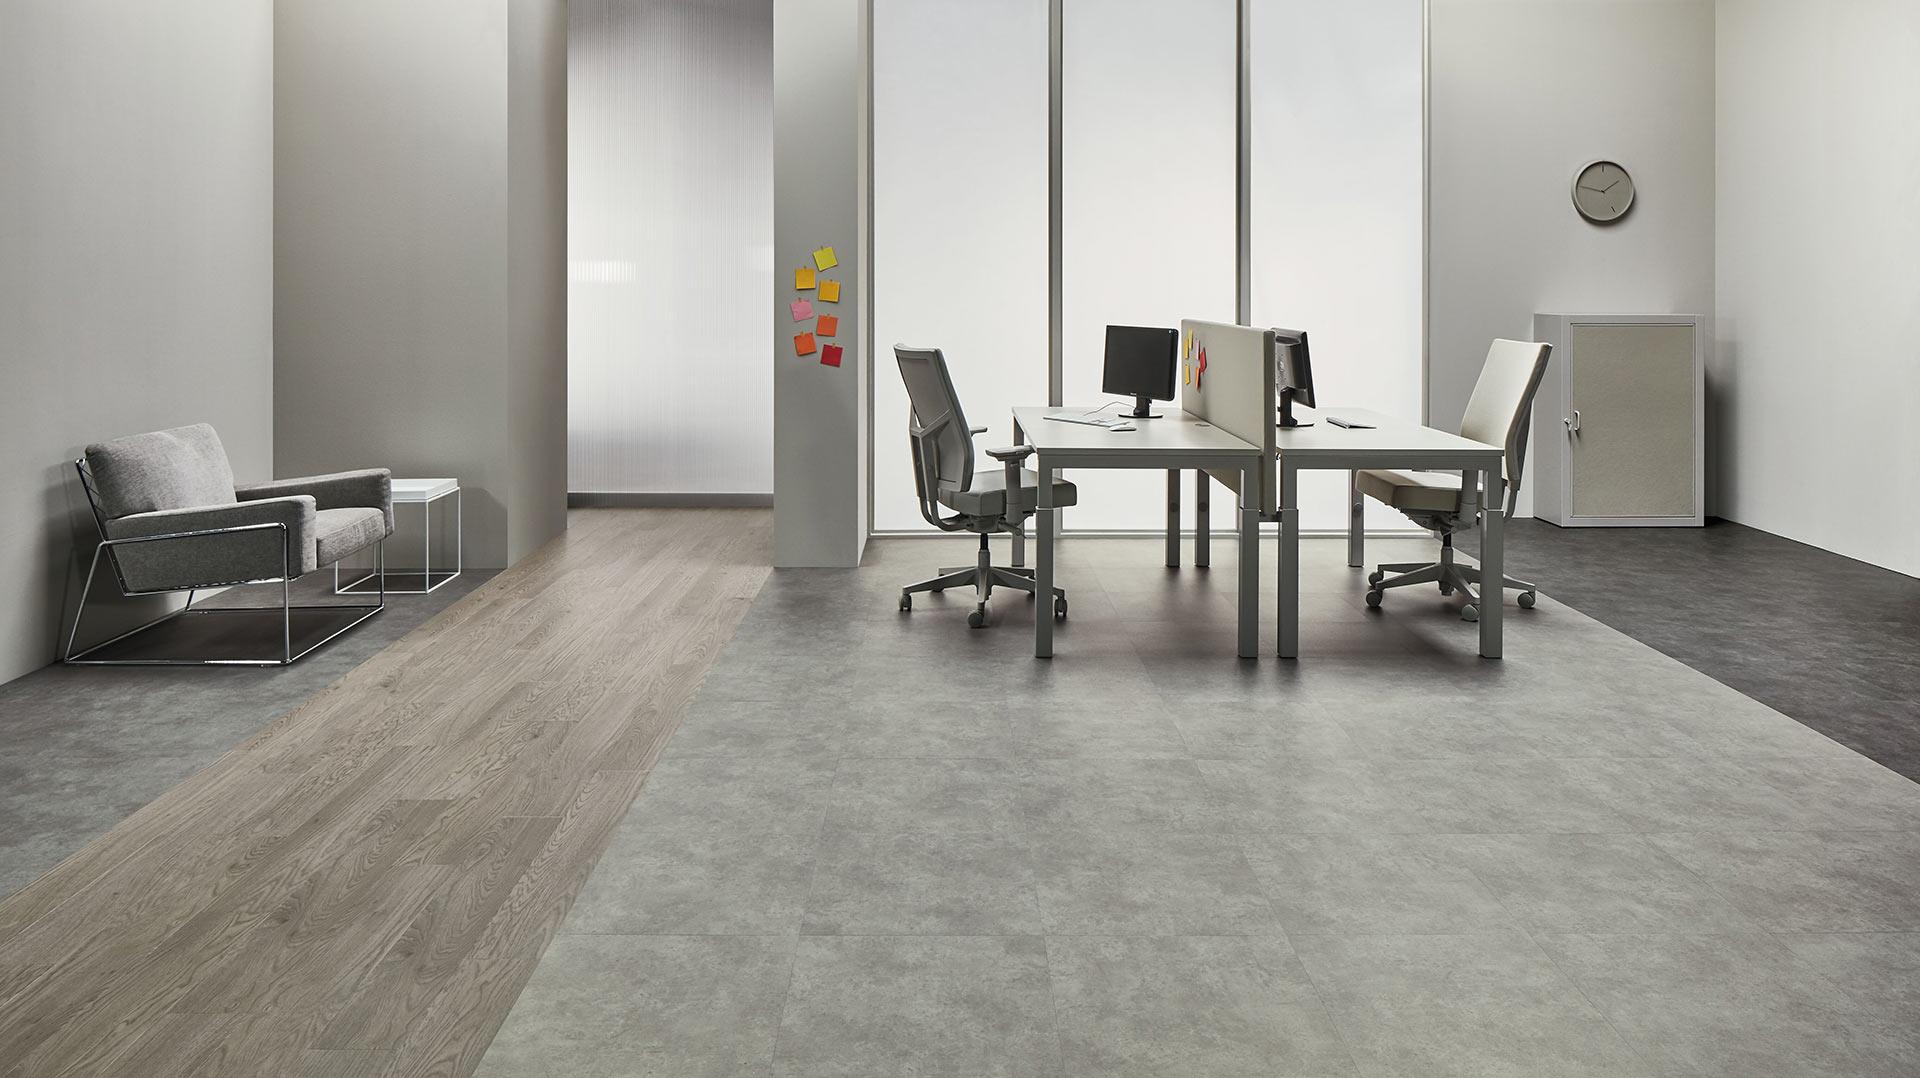 Vinylboden Grigio Concrete – Pflegeleichter Beton in Dunkelgrau – Jetzt kostenloses Muster bestellen!